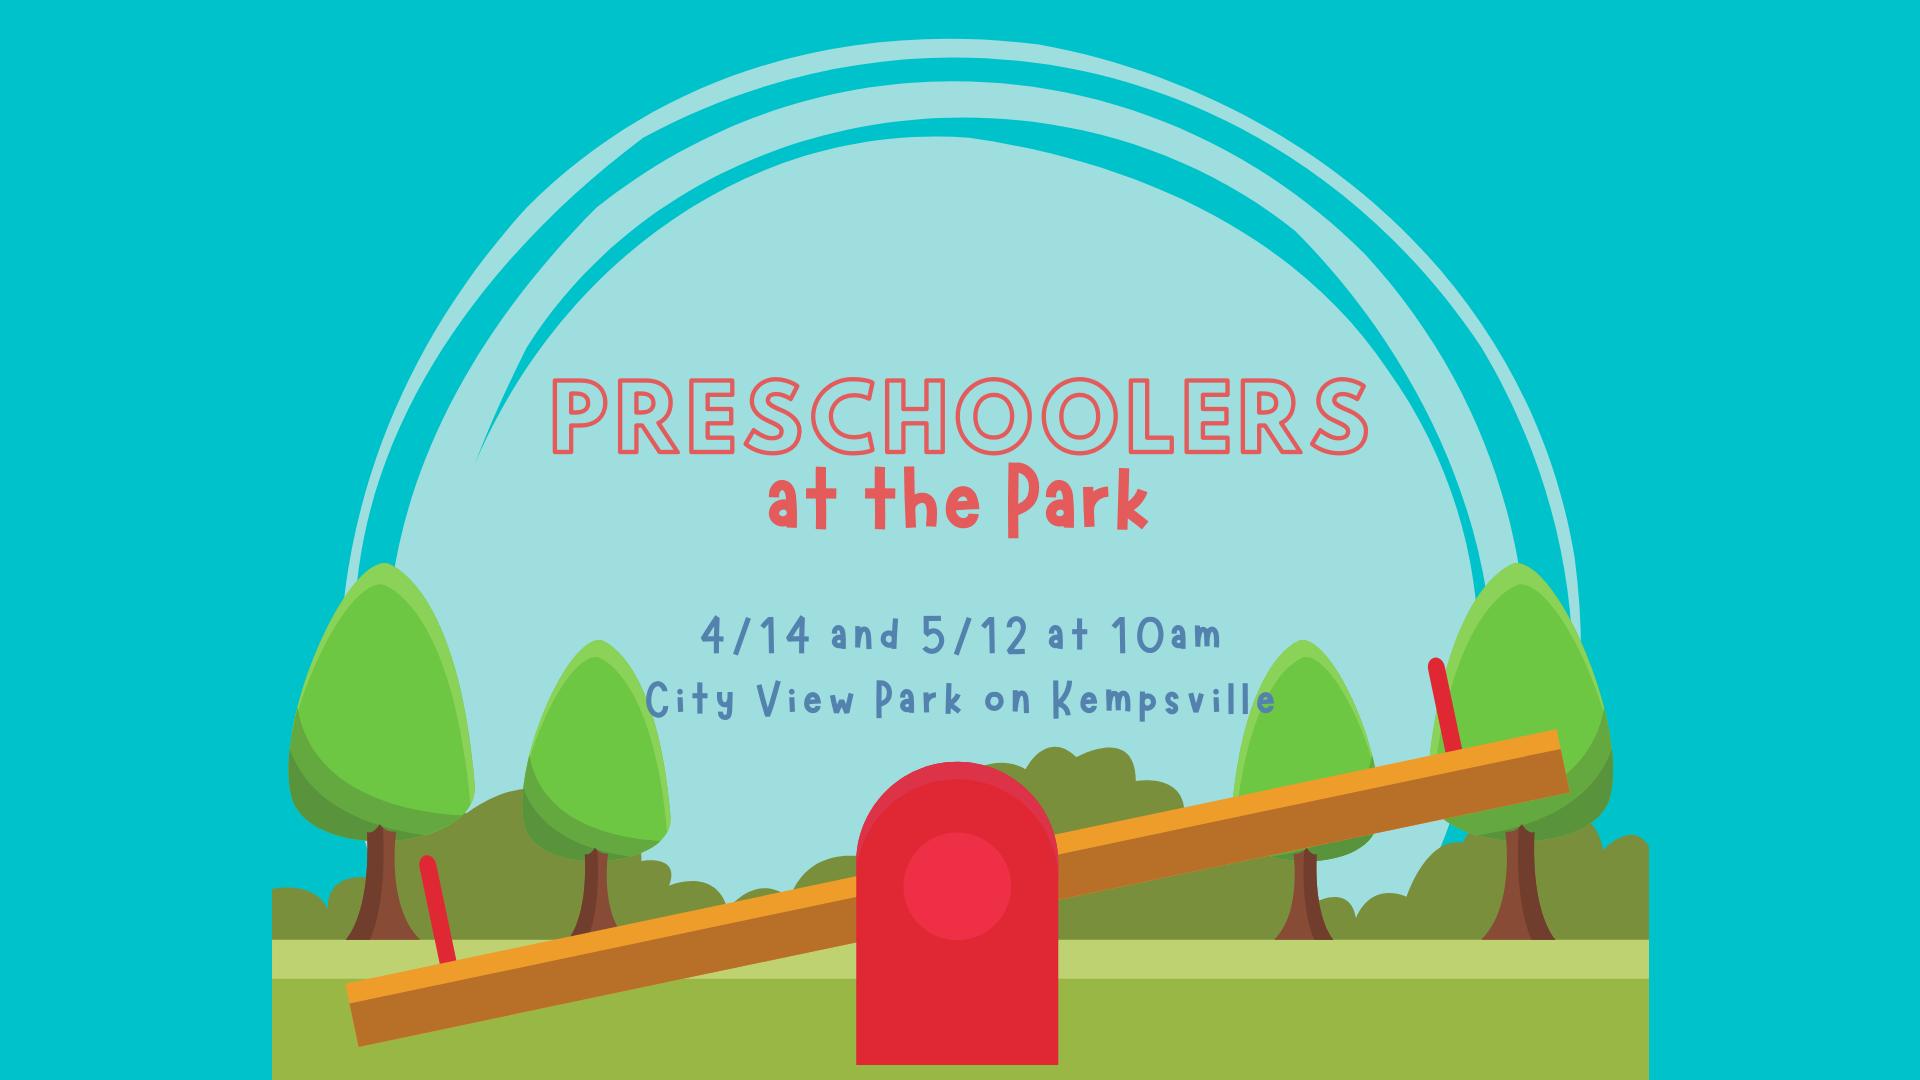 Preschoolers at the Park